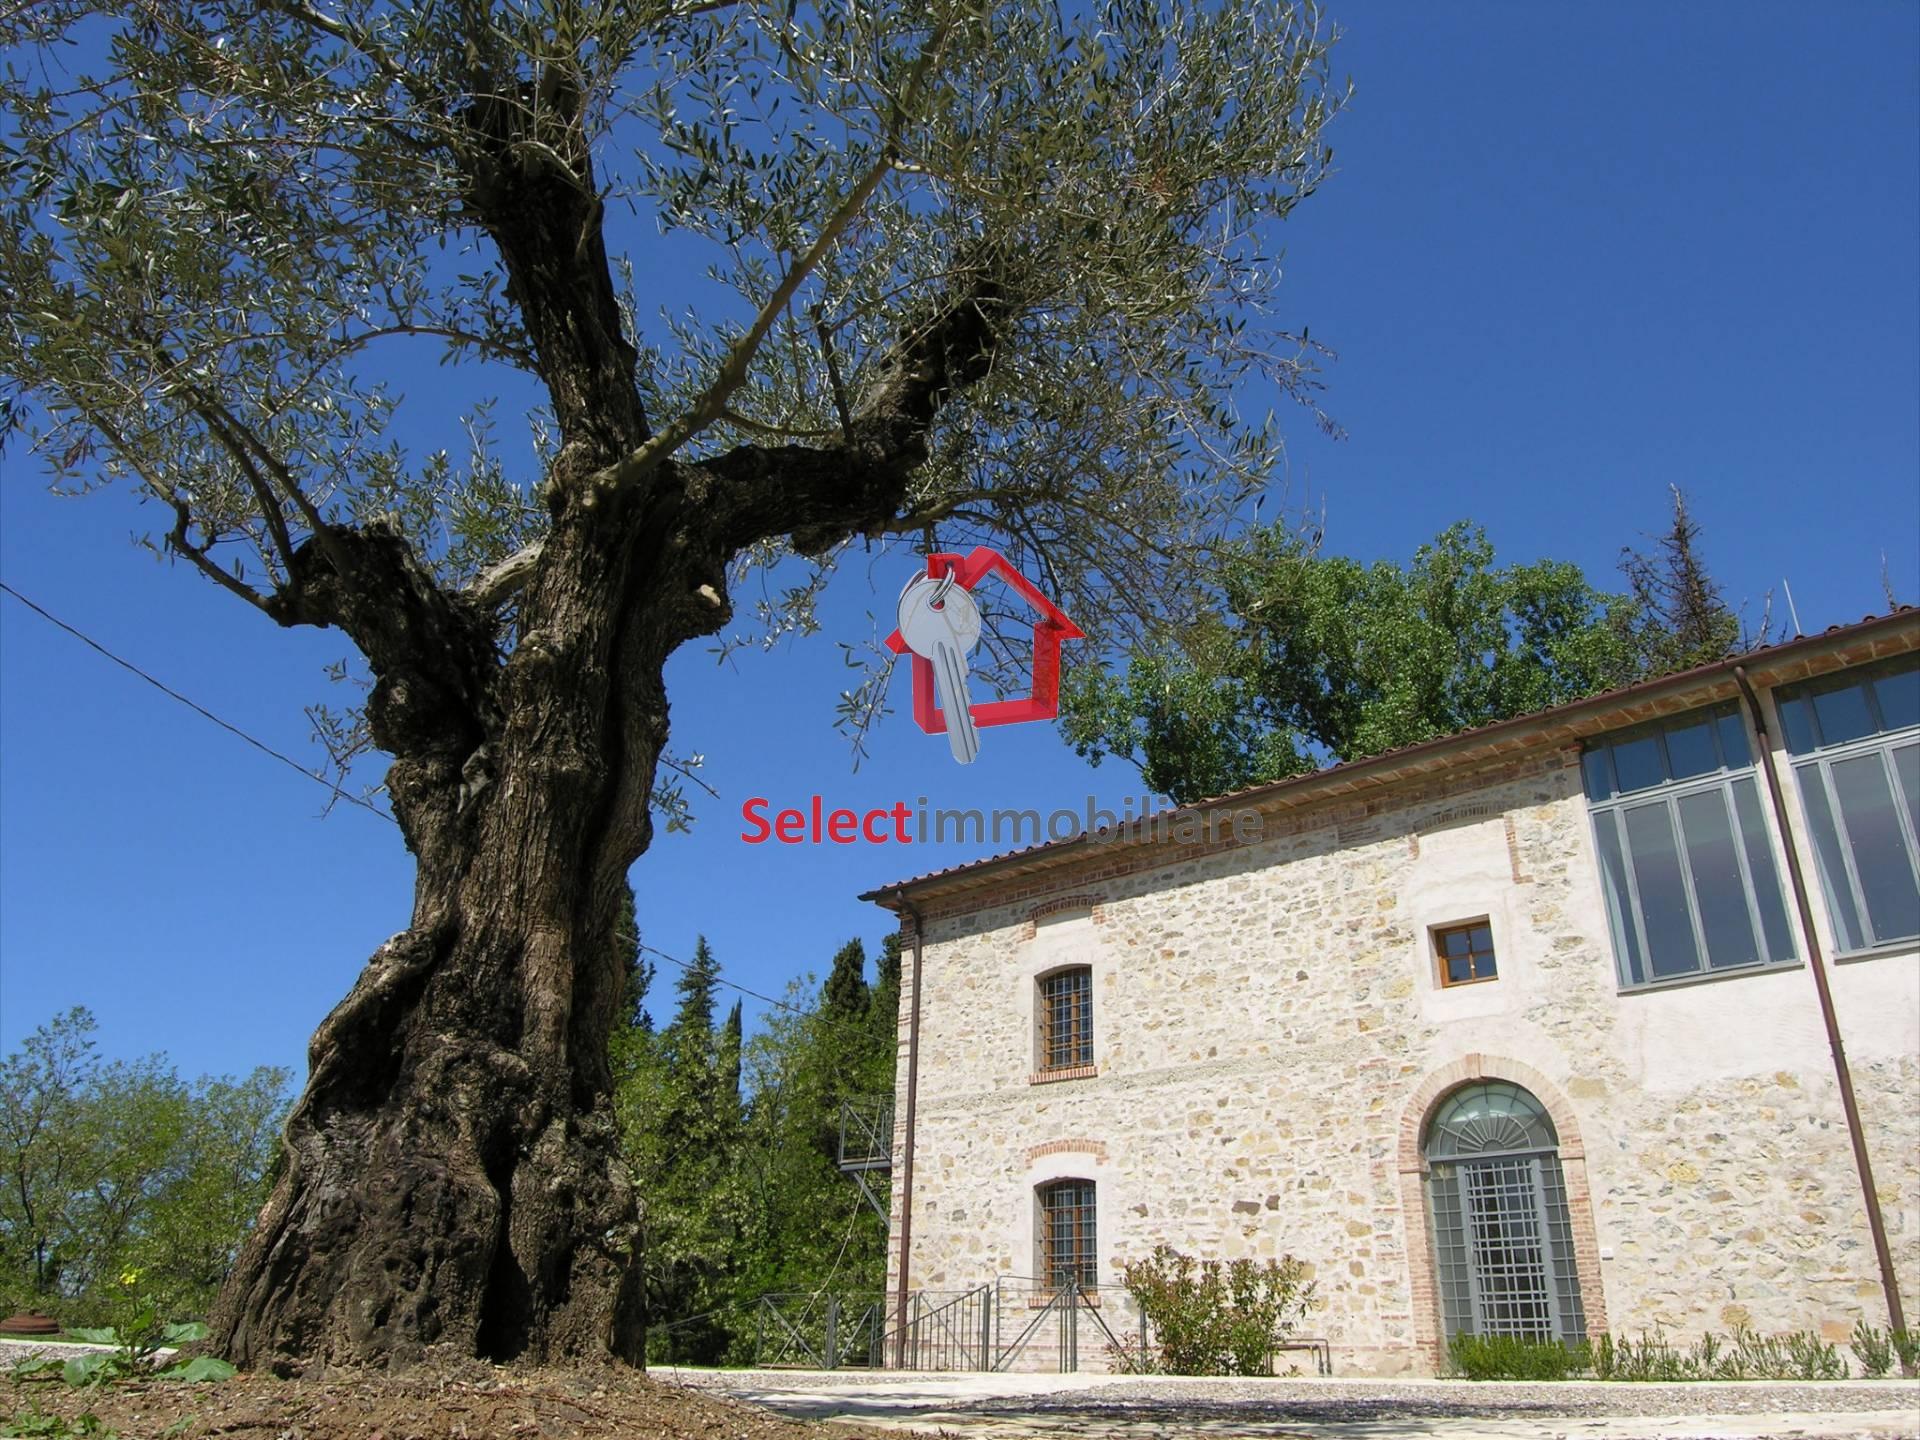 Appartamento in vendita a Massarosa, 4 locali, zona Zona: Bargecchia, prezzo € 280.000 | Cambio Casa.it